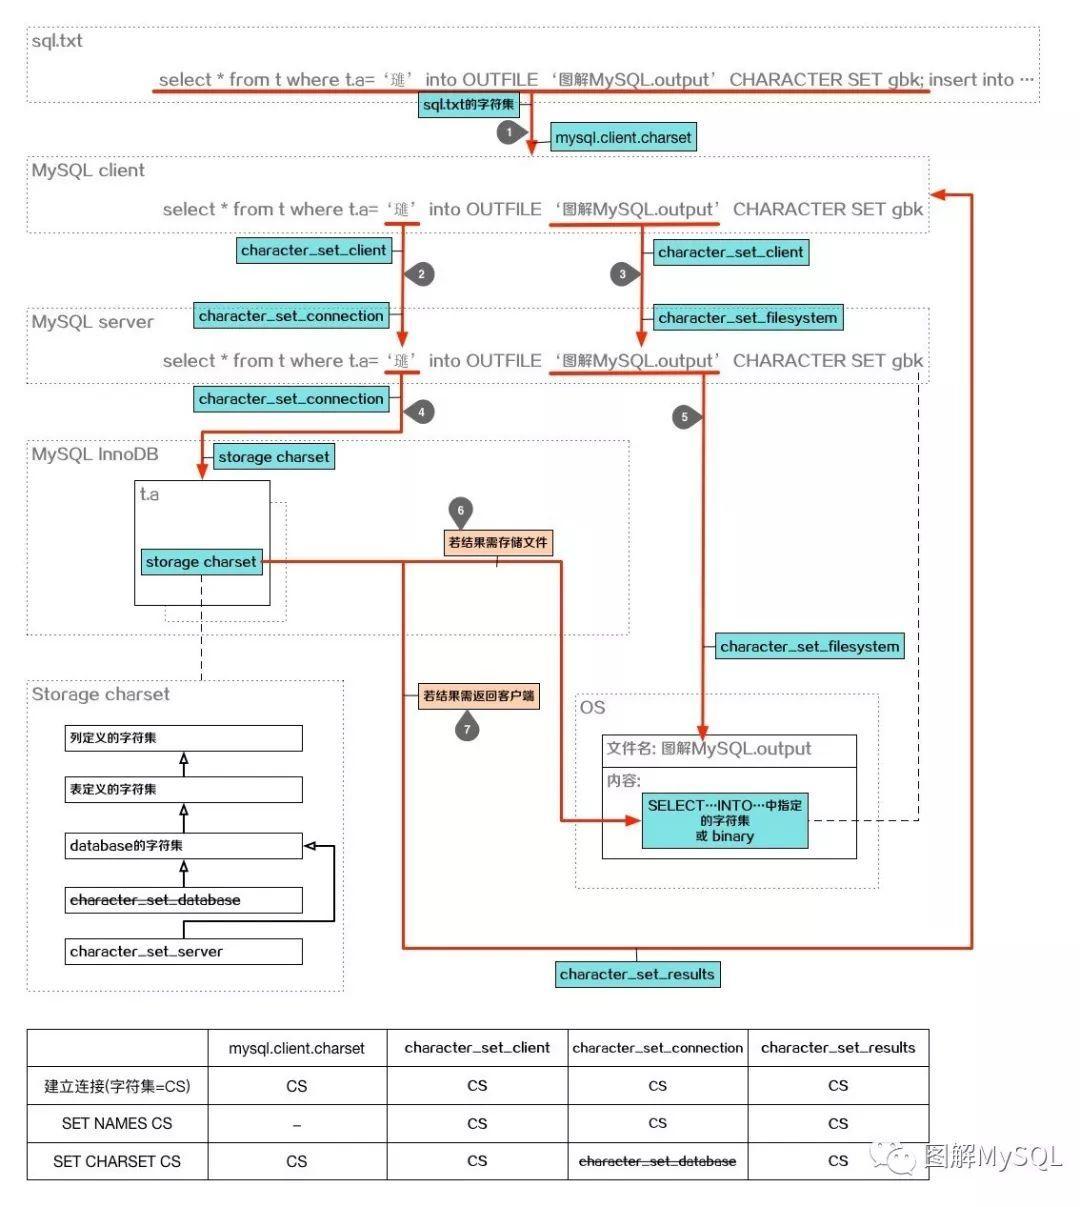 图解MySQL | [原理解析] 设置字符集的参数控制了哪些行为